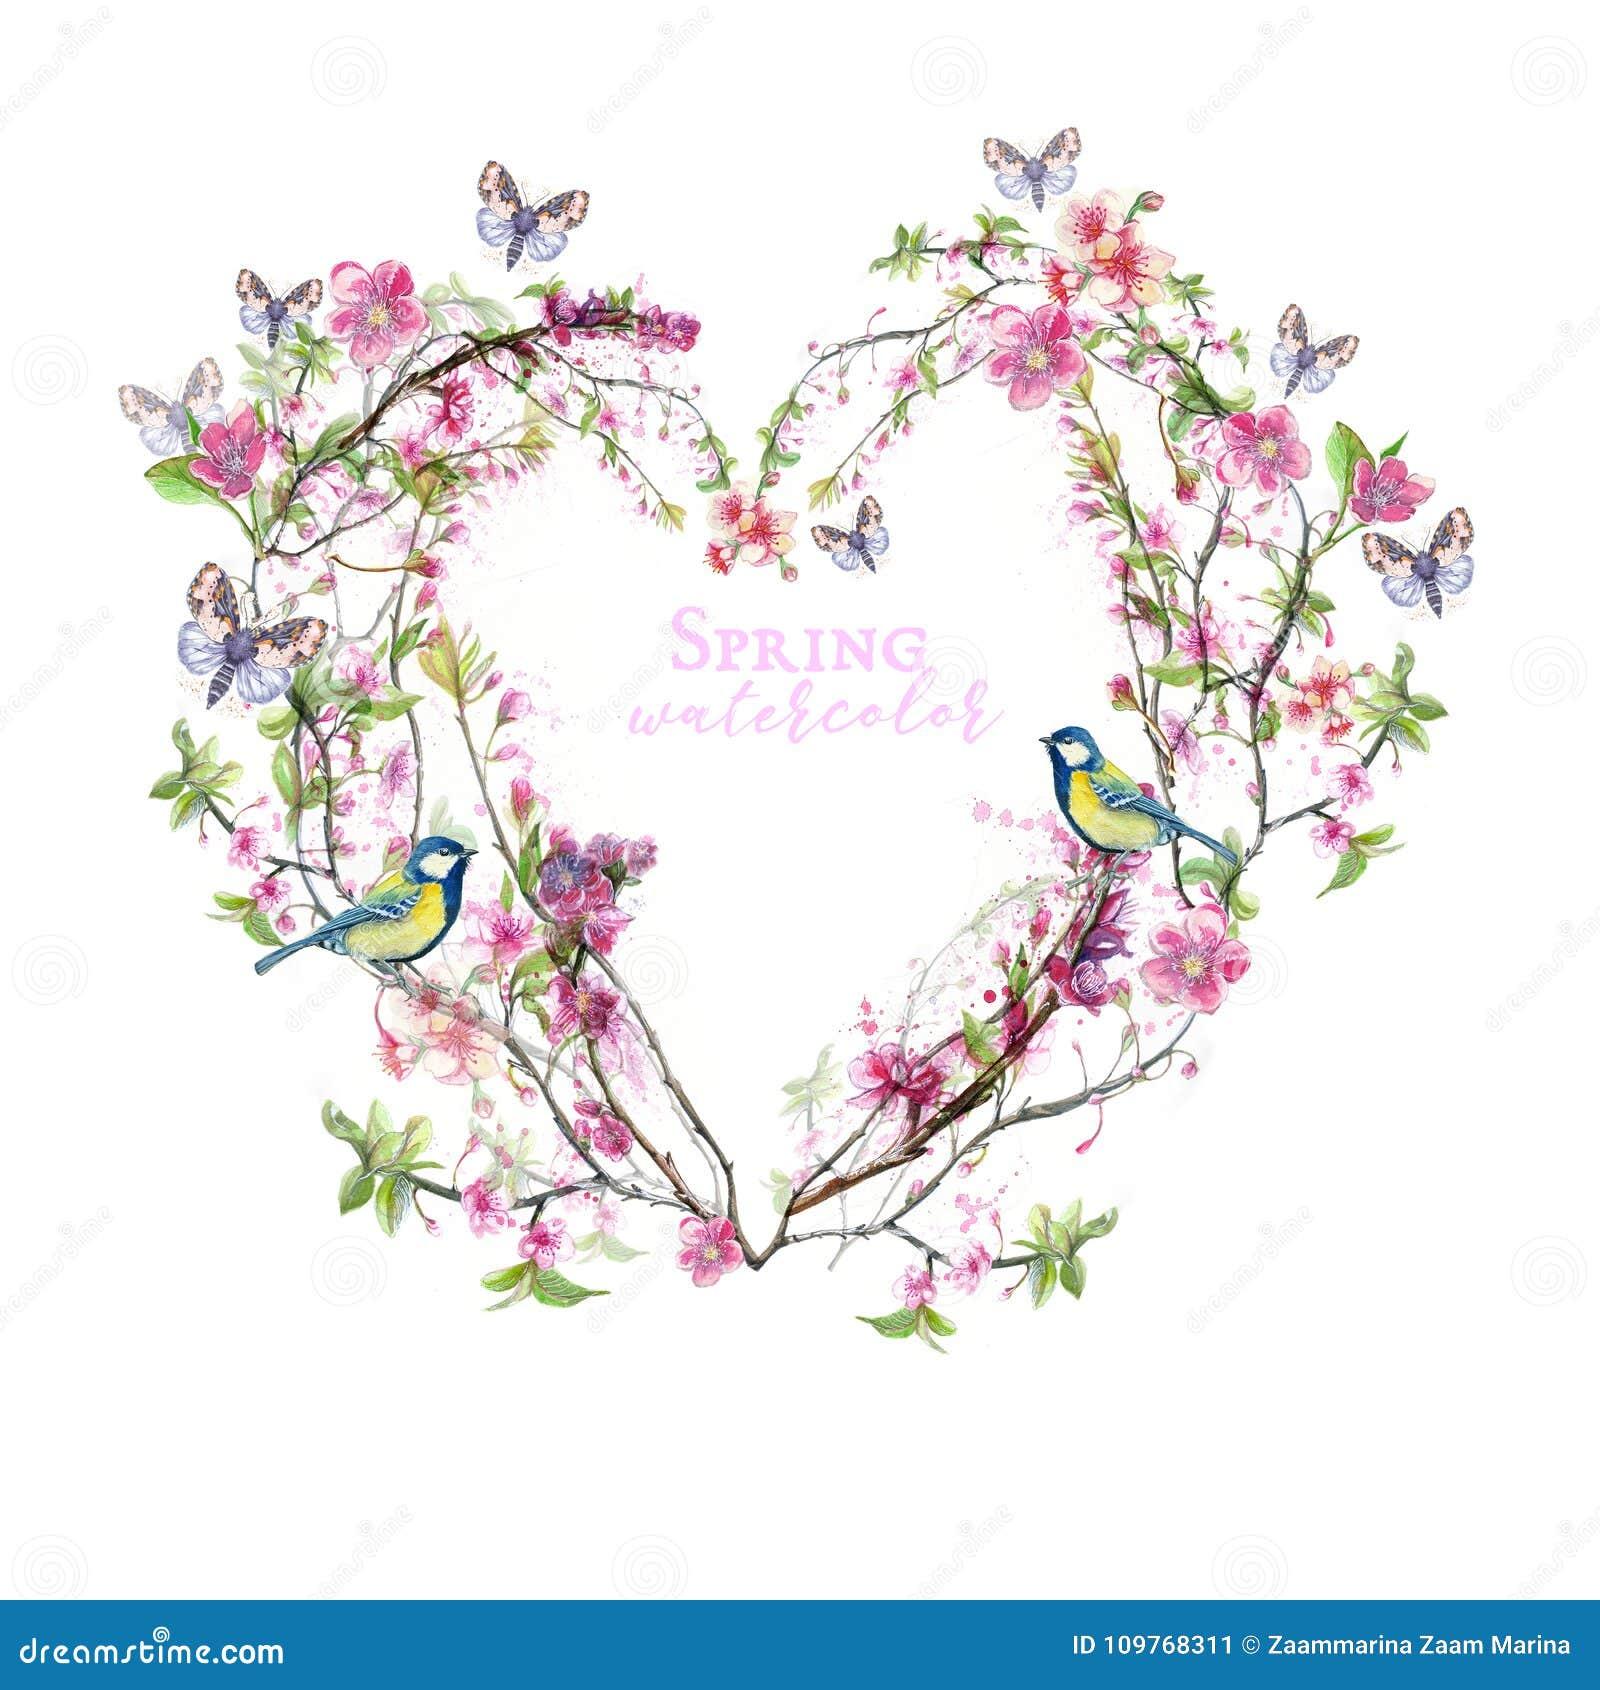 O Desenho Da Aquarela Das Flores De Cerejeira Das Flores De